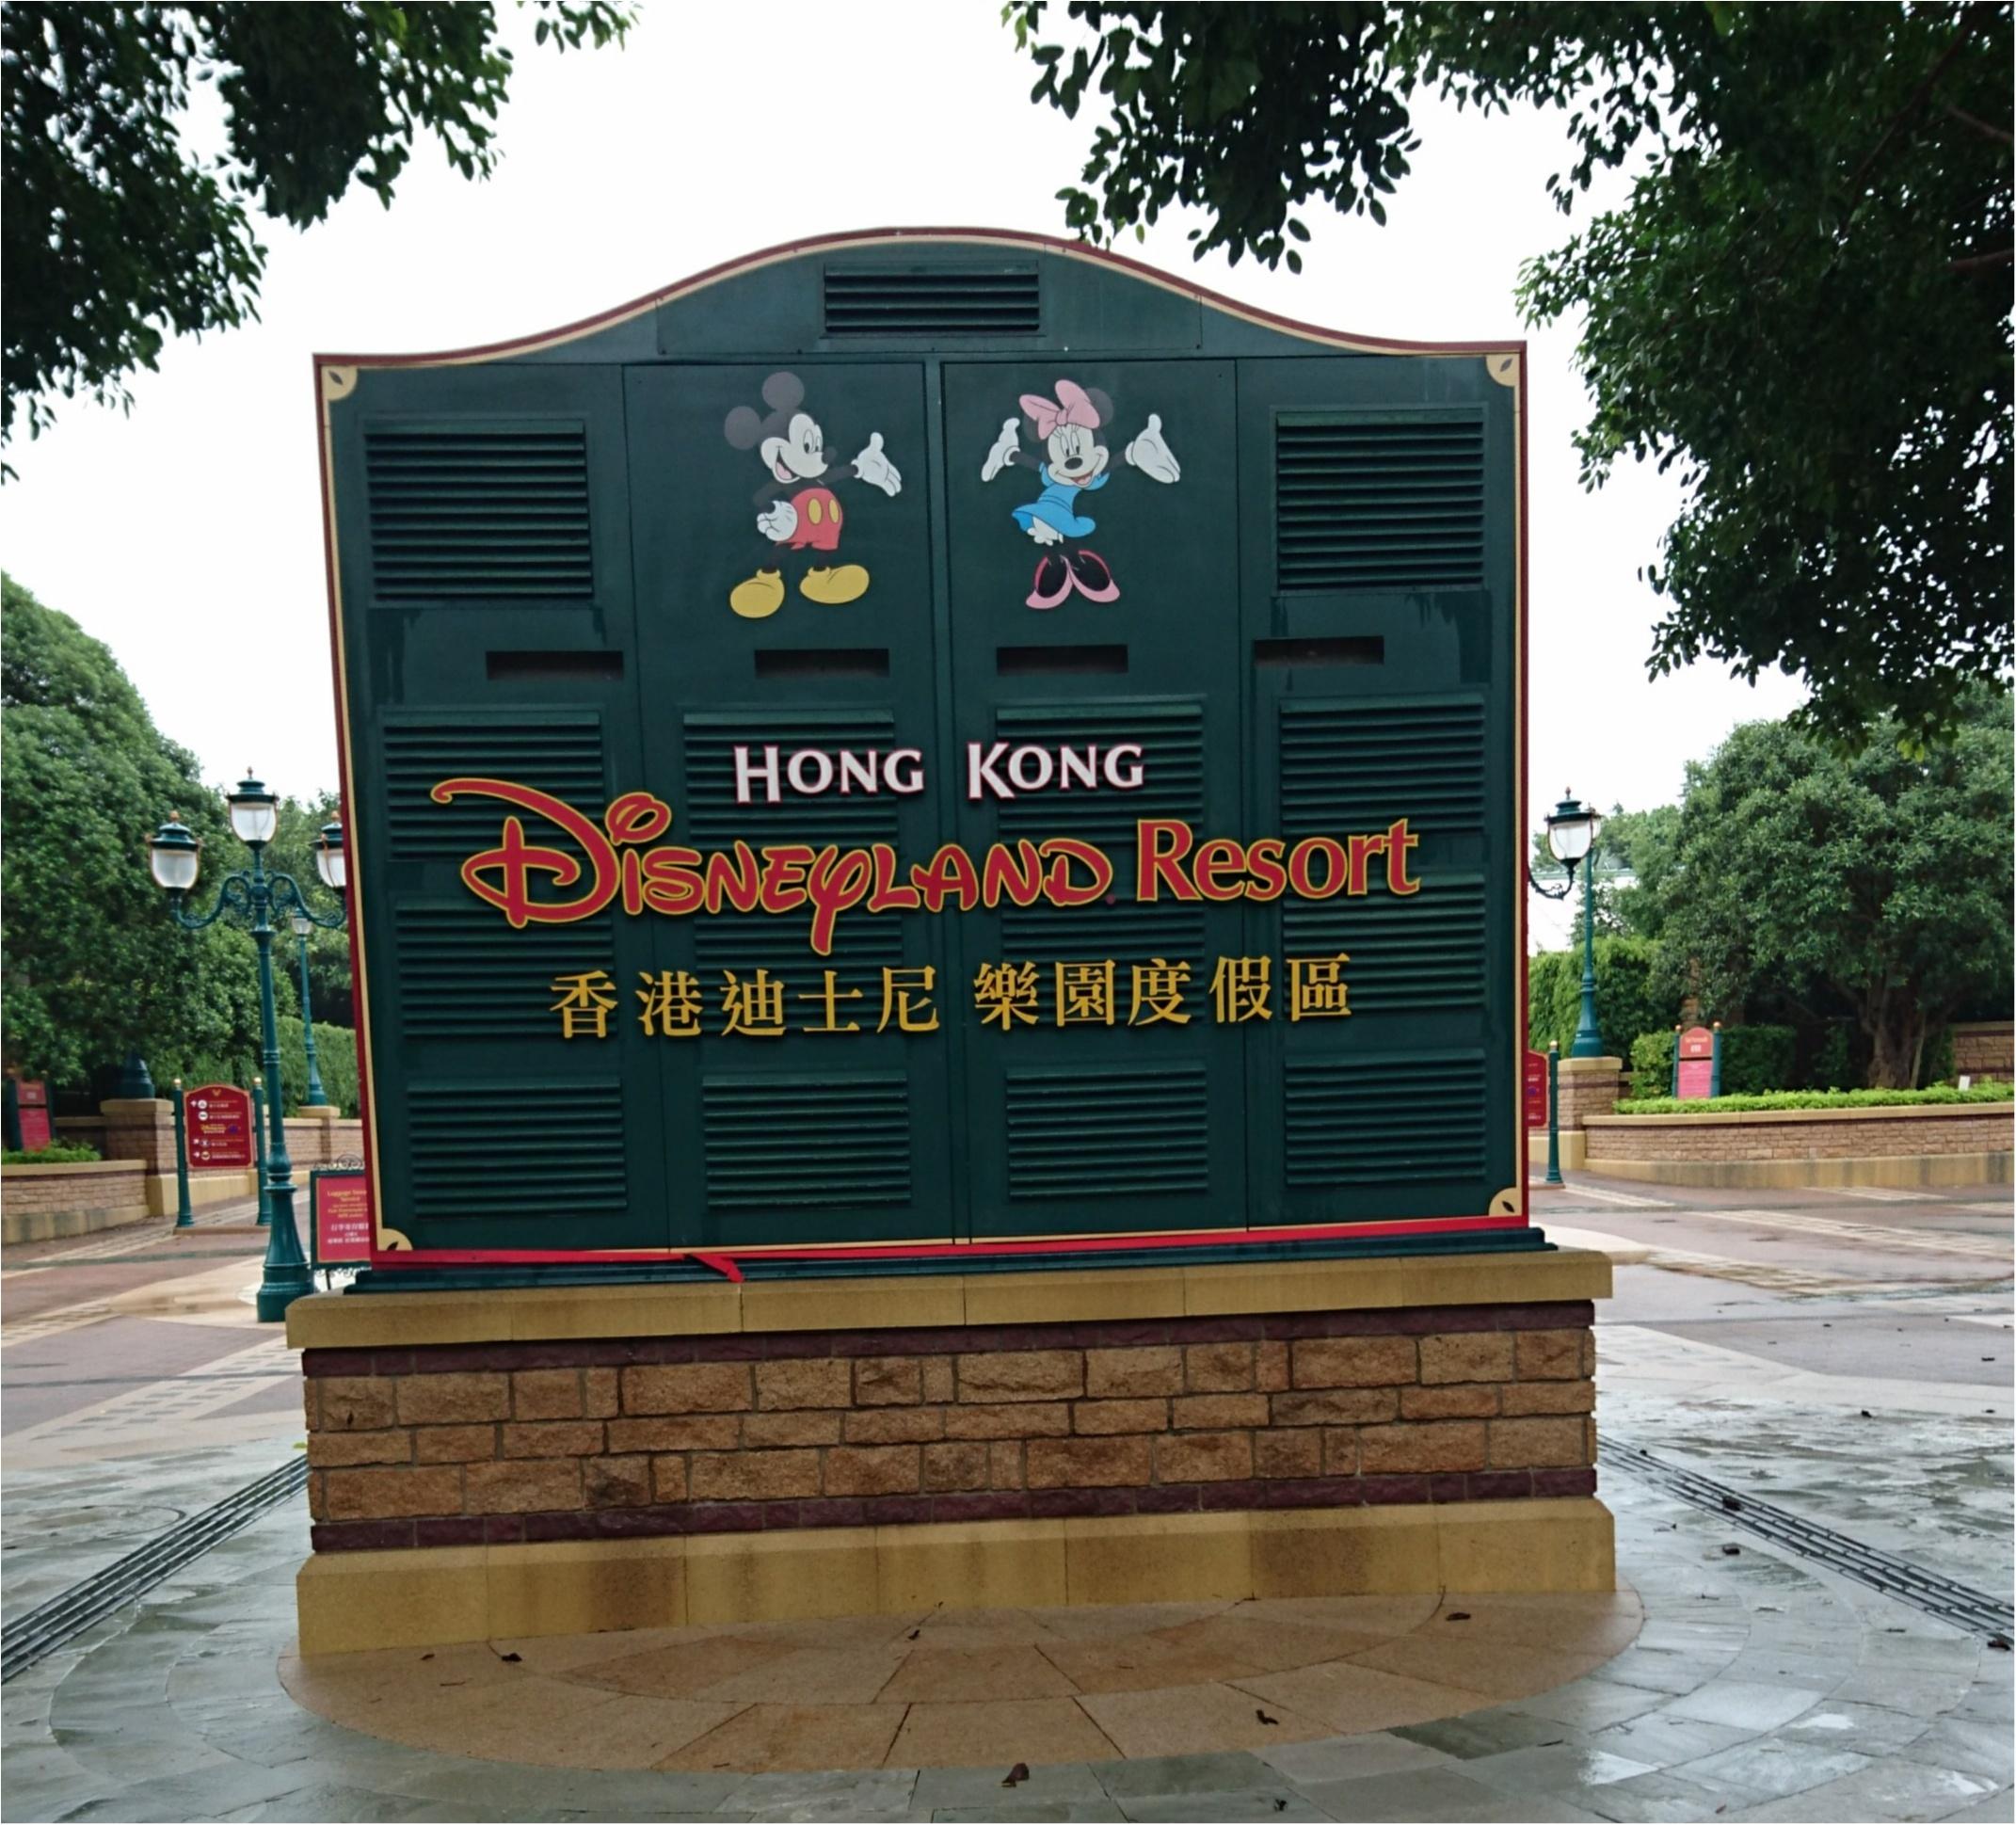 【Disney特集】香港ディズニーランドのグリーティングが狙い目\(^^)/_1